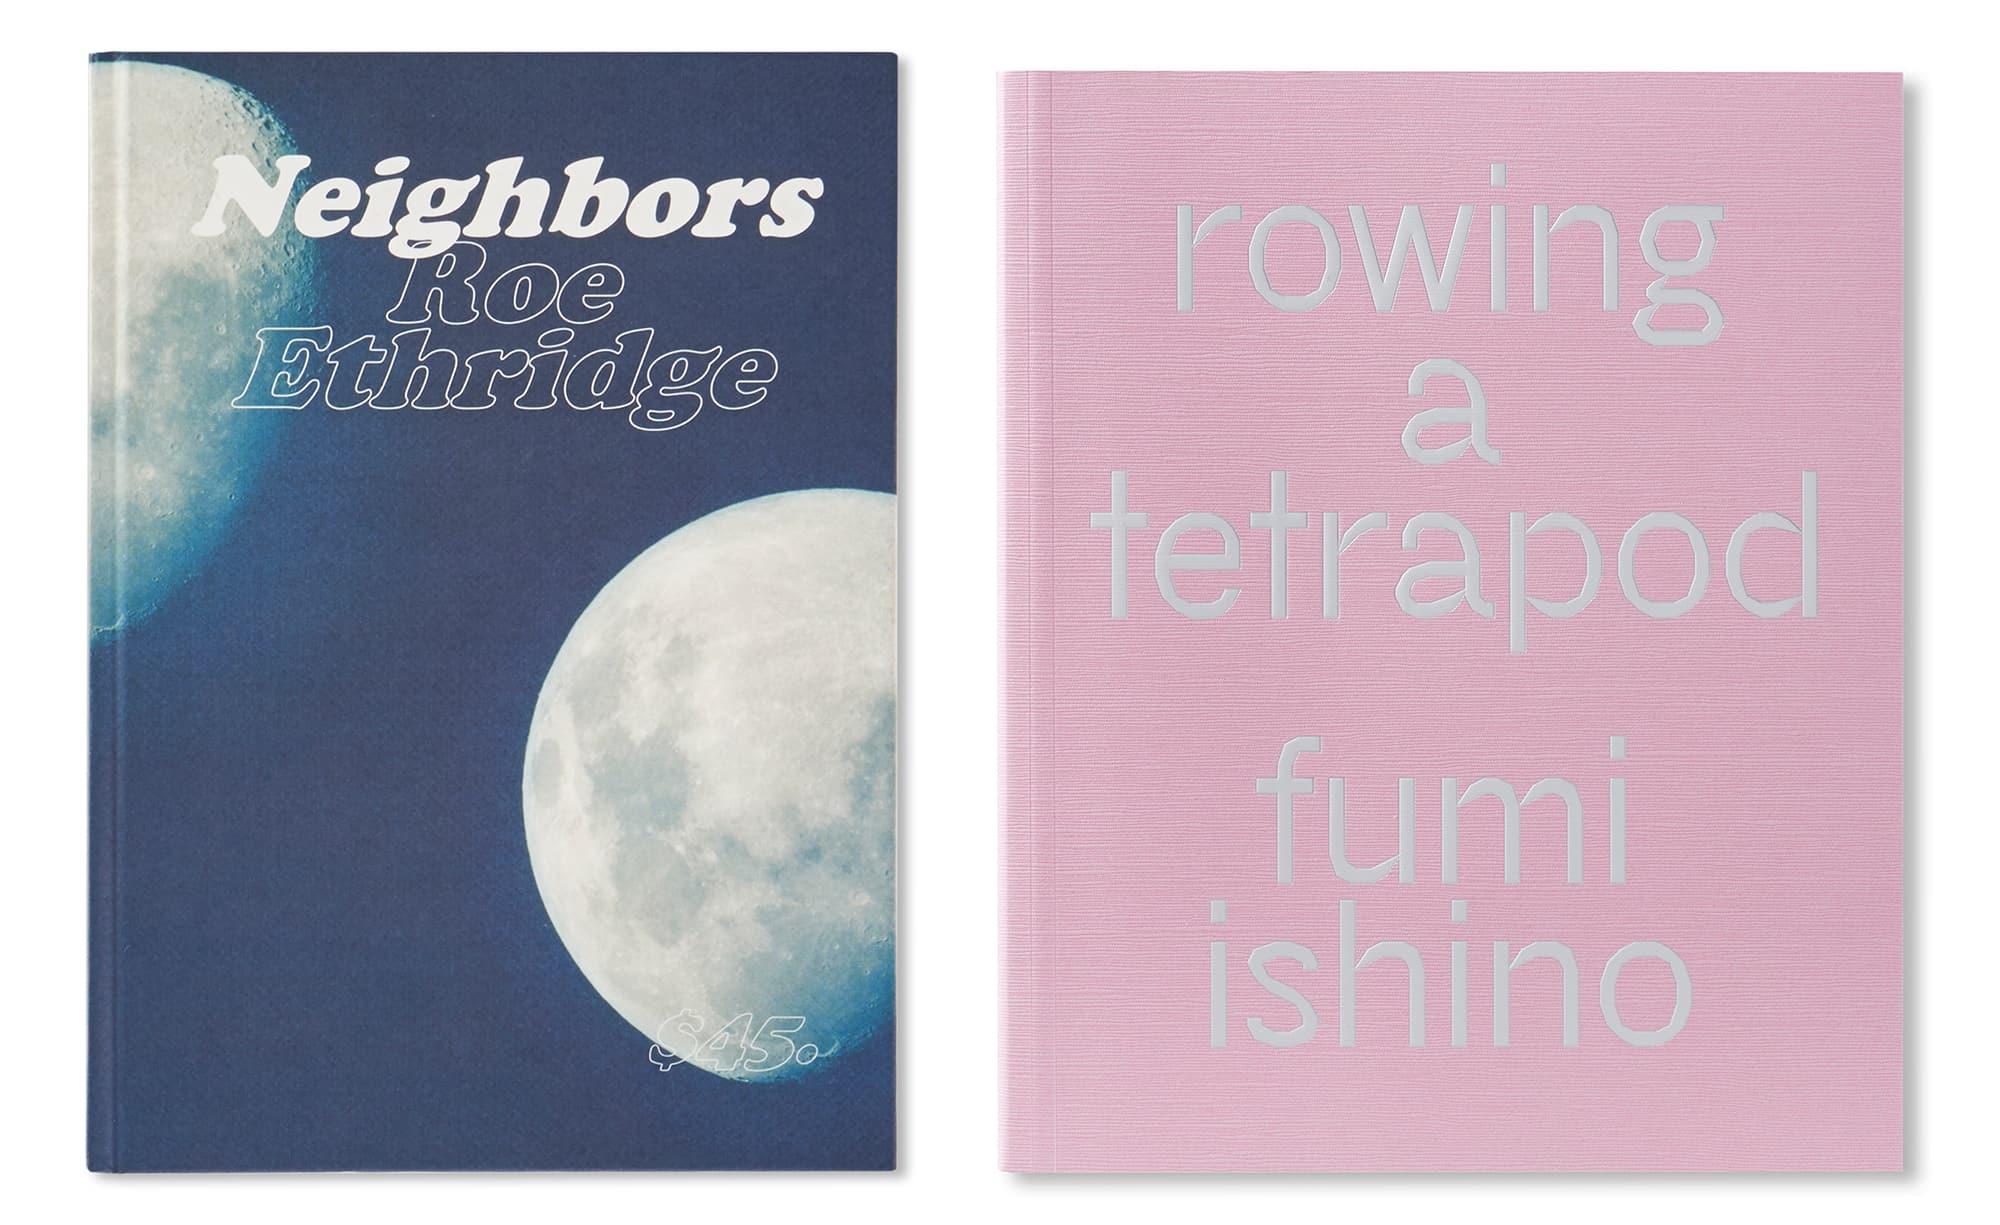 イギリスの出版社MACKより昨年刊行されたRoe Ethridge『Neighbors』と、今年9月に刊行された石野郁和『Rowing a Tetrapod』